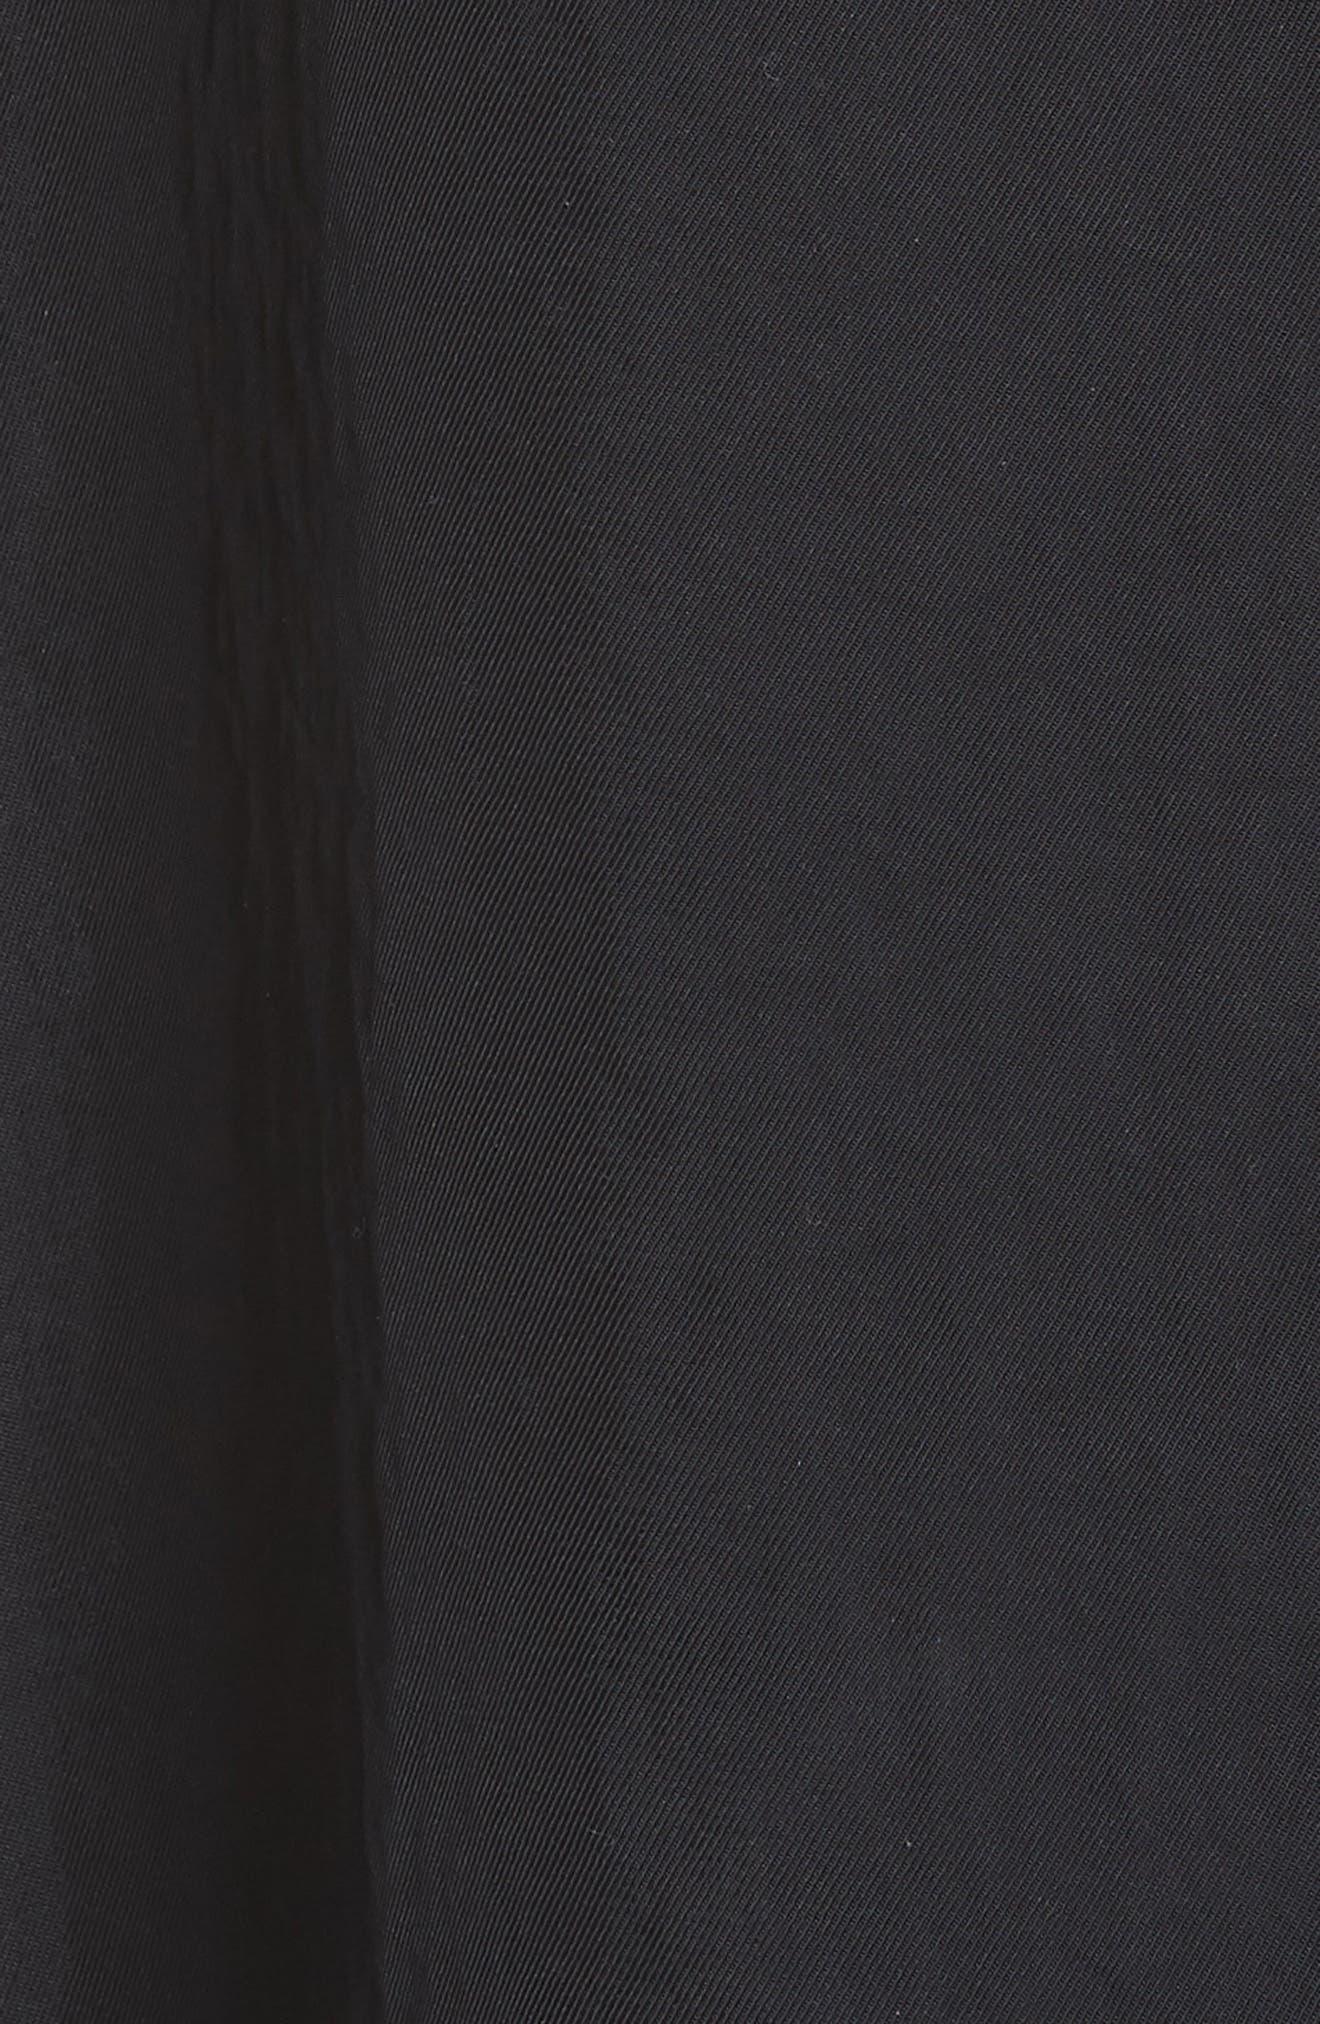 Rib Trim Dress,                             Alternate thumbnail 3, color,                             Black